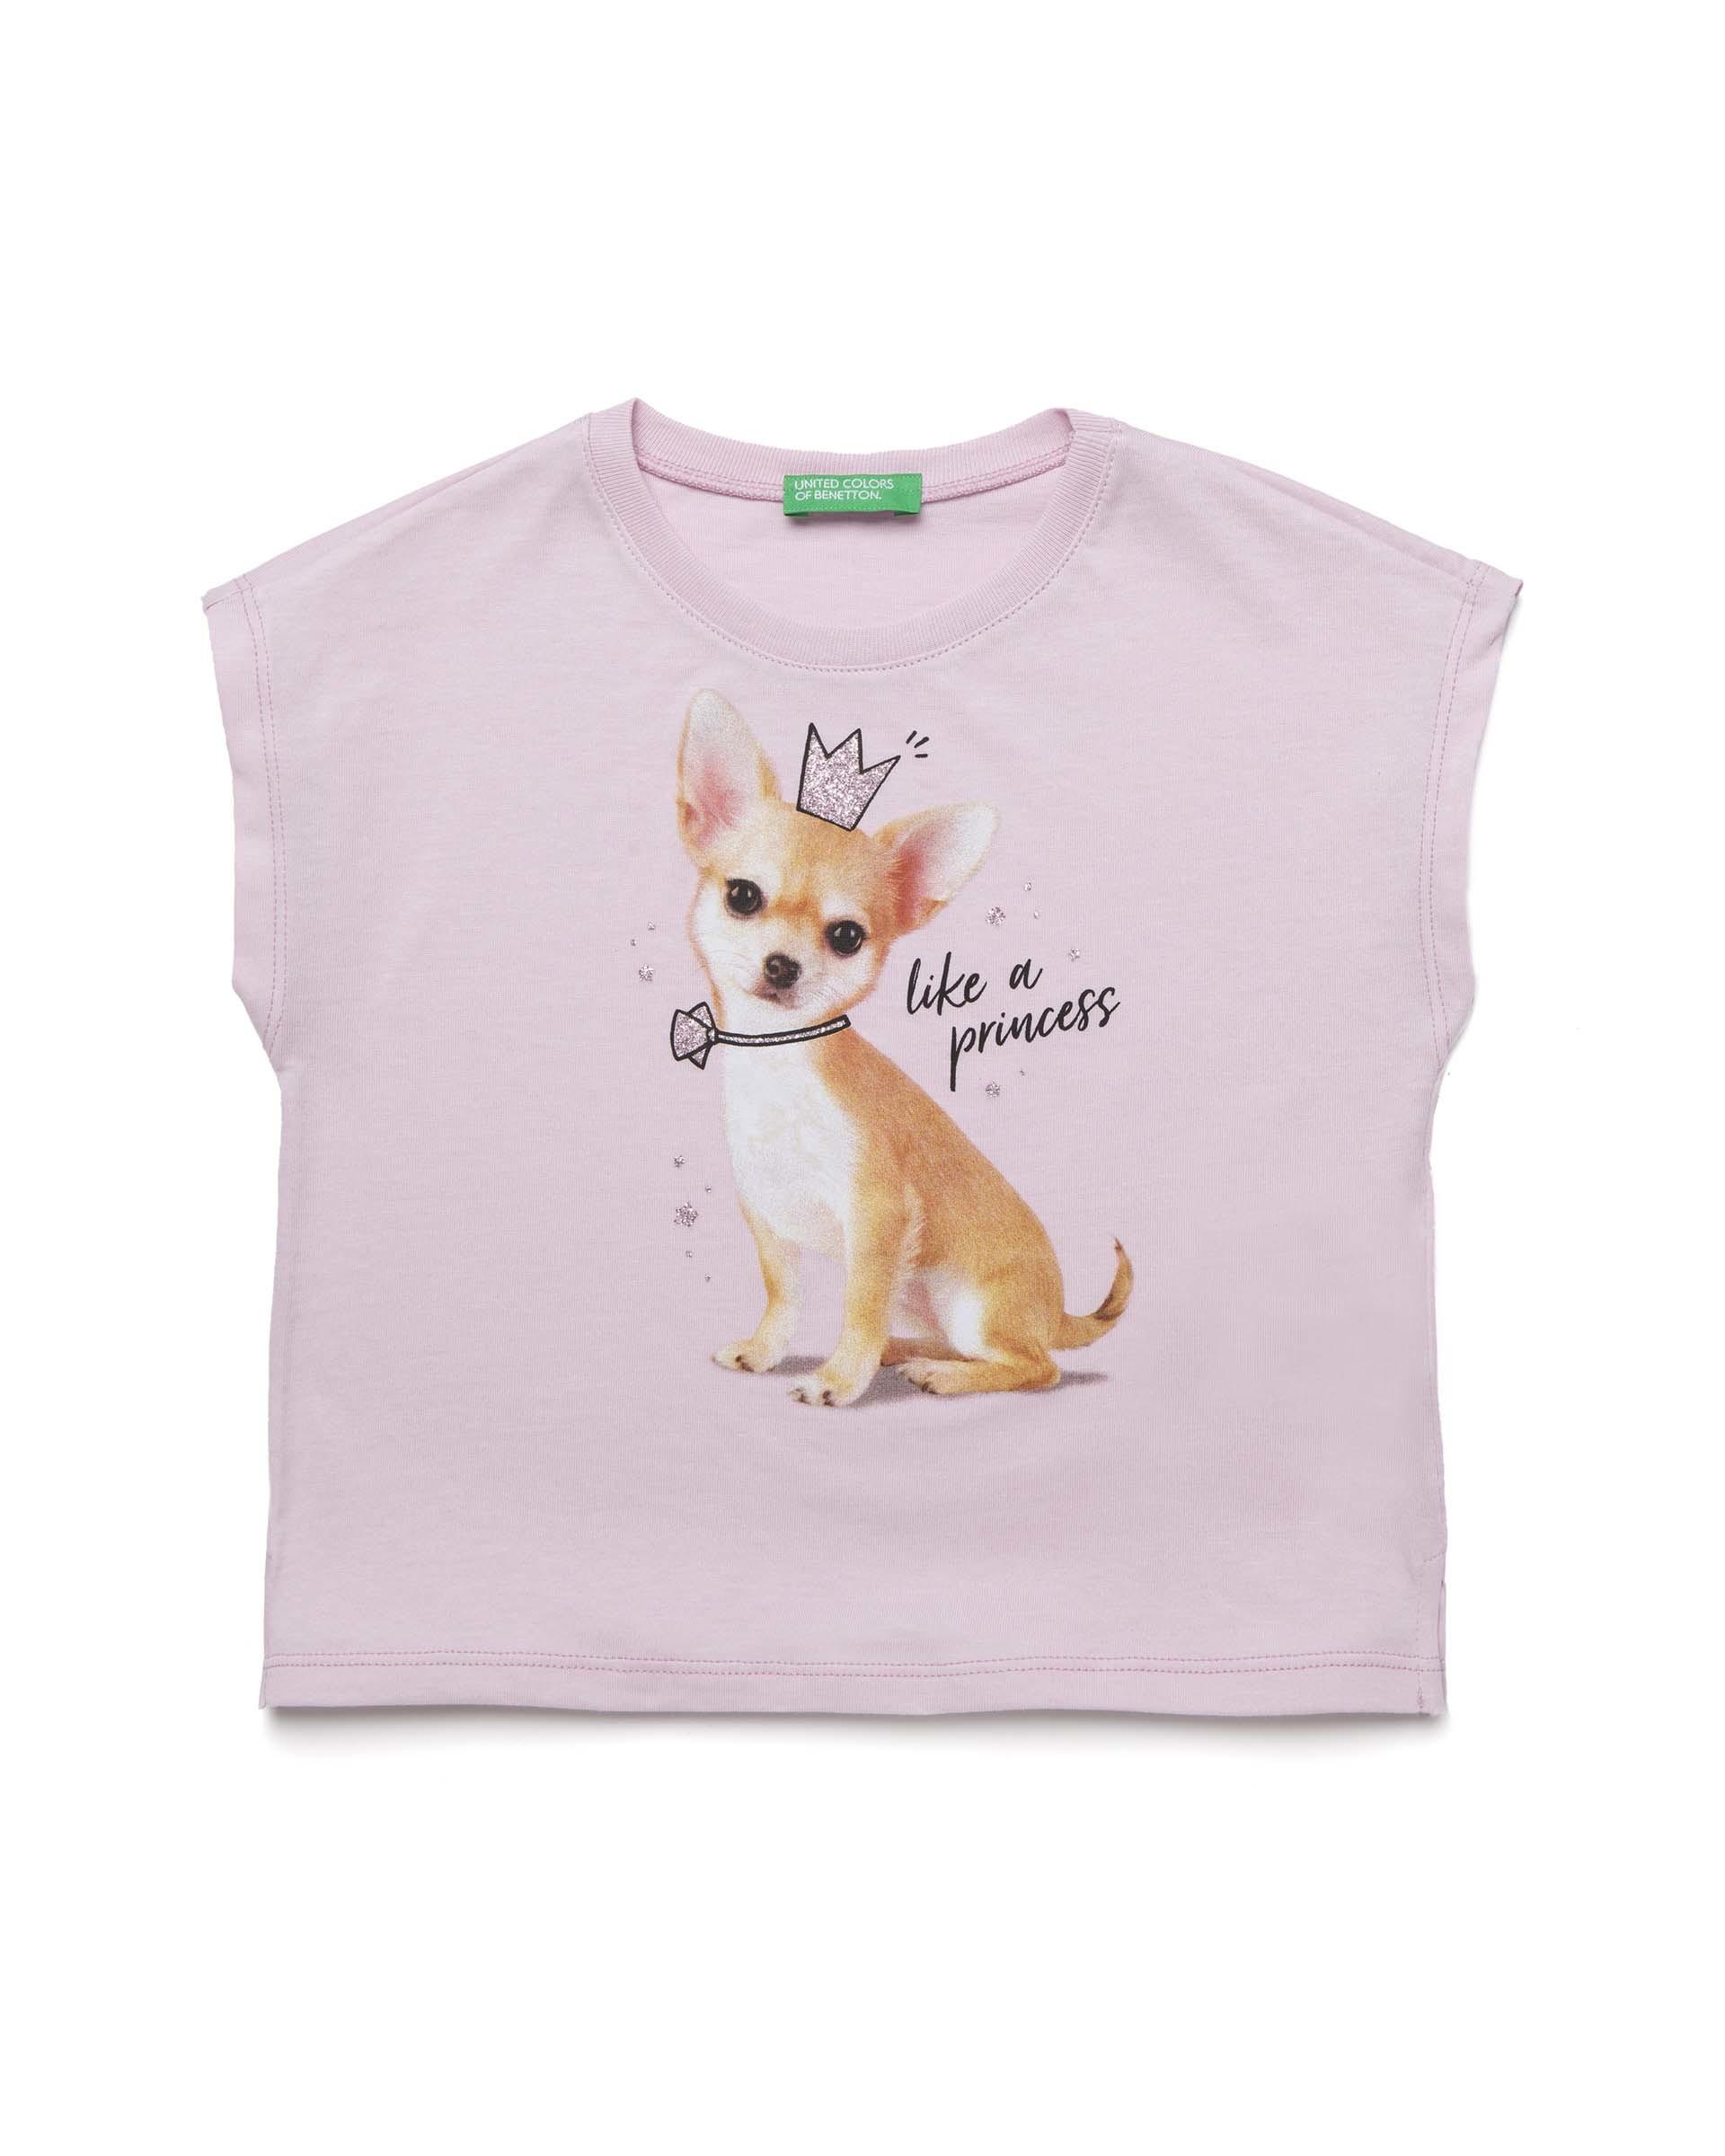 Купить 20P_3096C14LU_07M, Футболка для девочек Benetton 3096C14LU_07M р-р 80, United Colors of Benetton, Кофточки, футболки для новорожденных